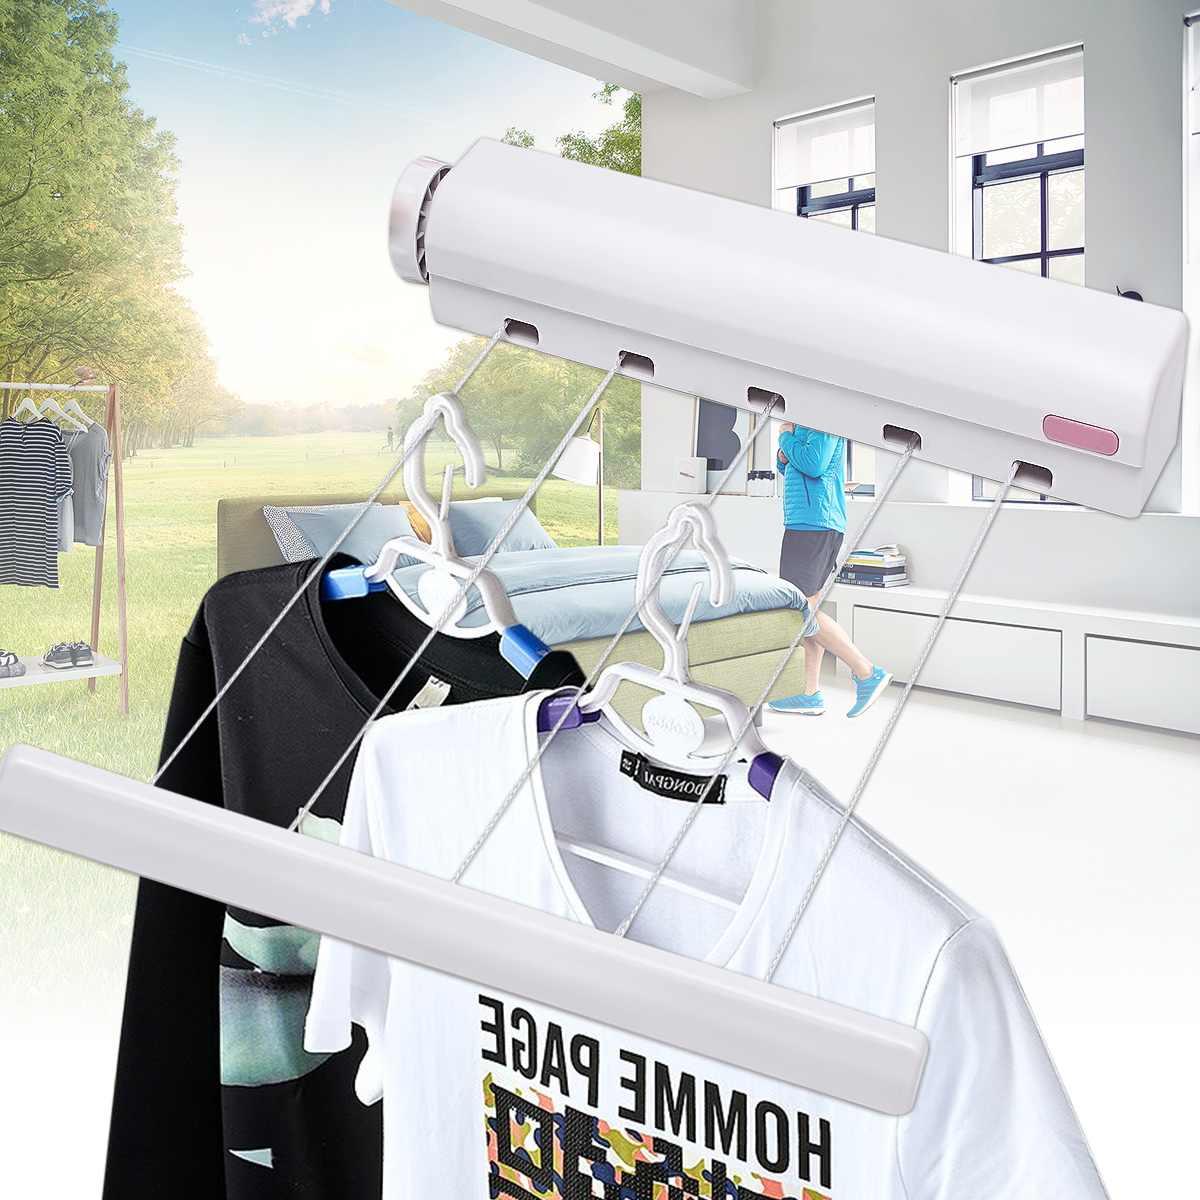 5 línea retráctil tendedero línea de lavado lavandería de montaje en pared secador de tendedero de ropa al aire libre lavado línea de secado estante de 3,7 M